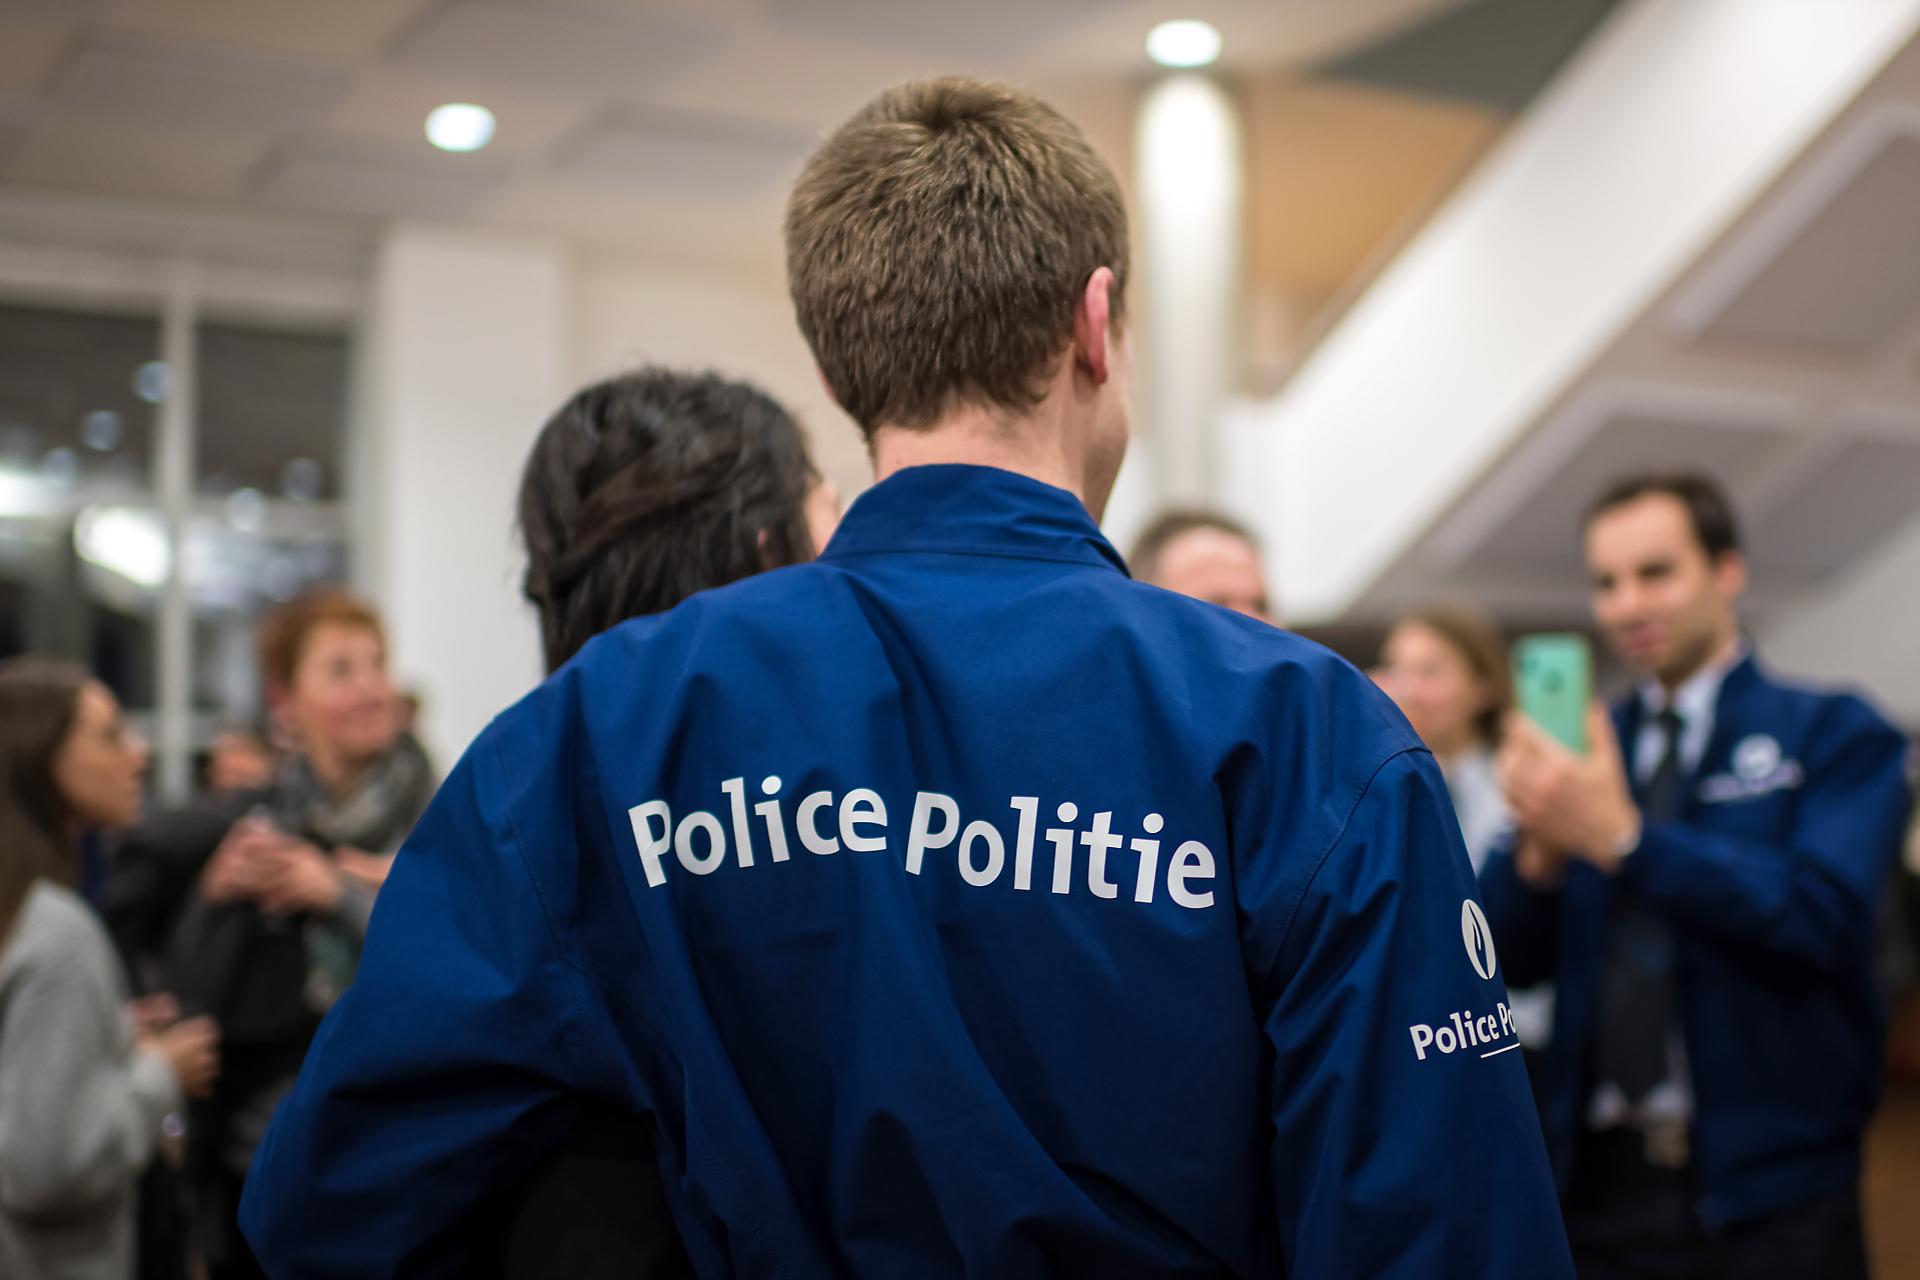 Foto van een politieman